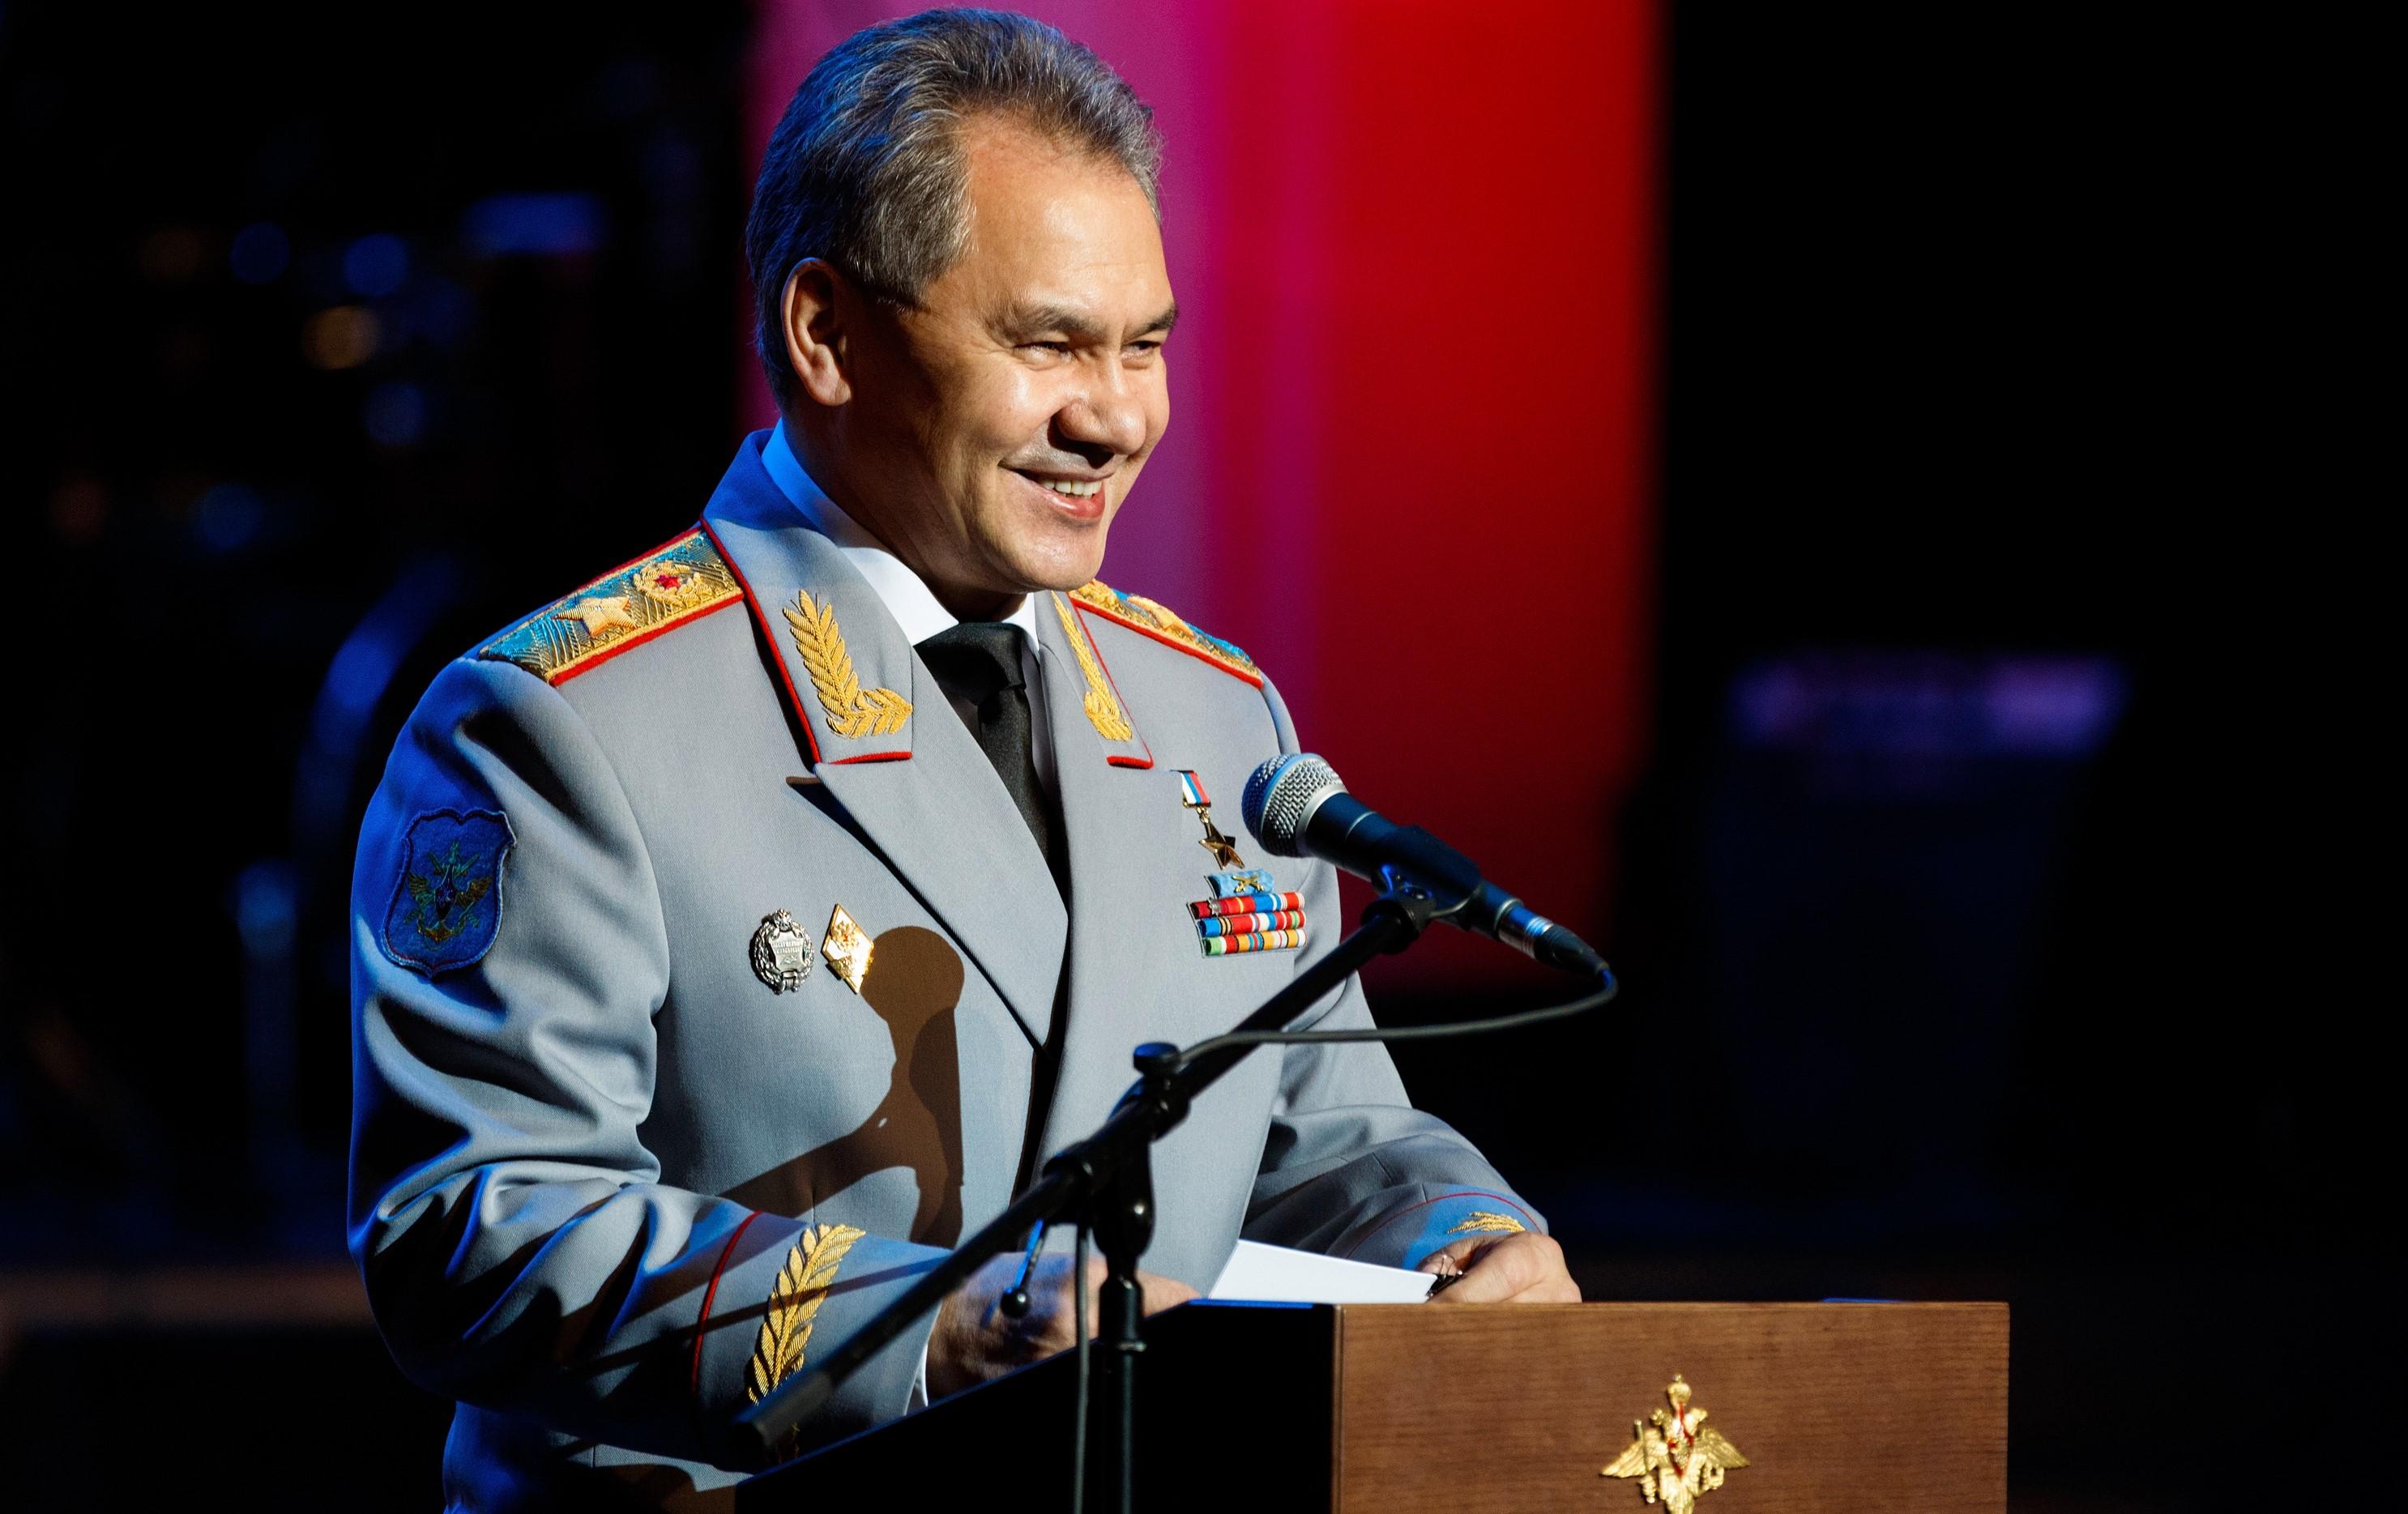 Сергей Шойгу отметил профессионализм военных кадровиков